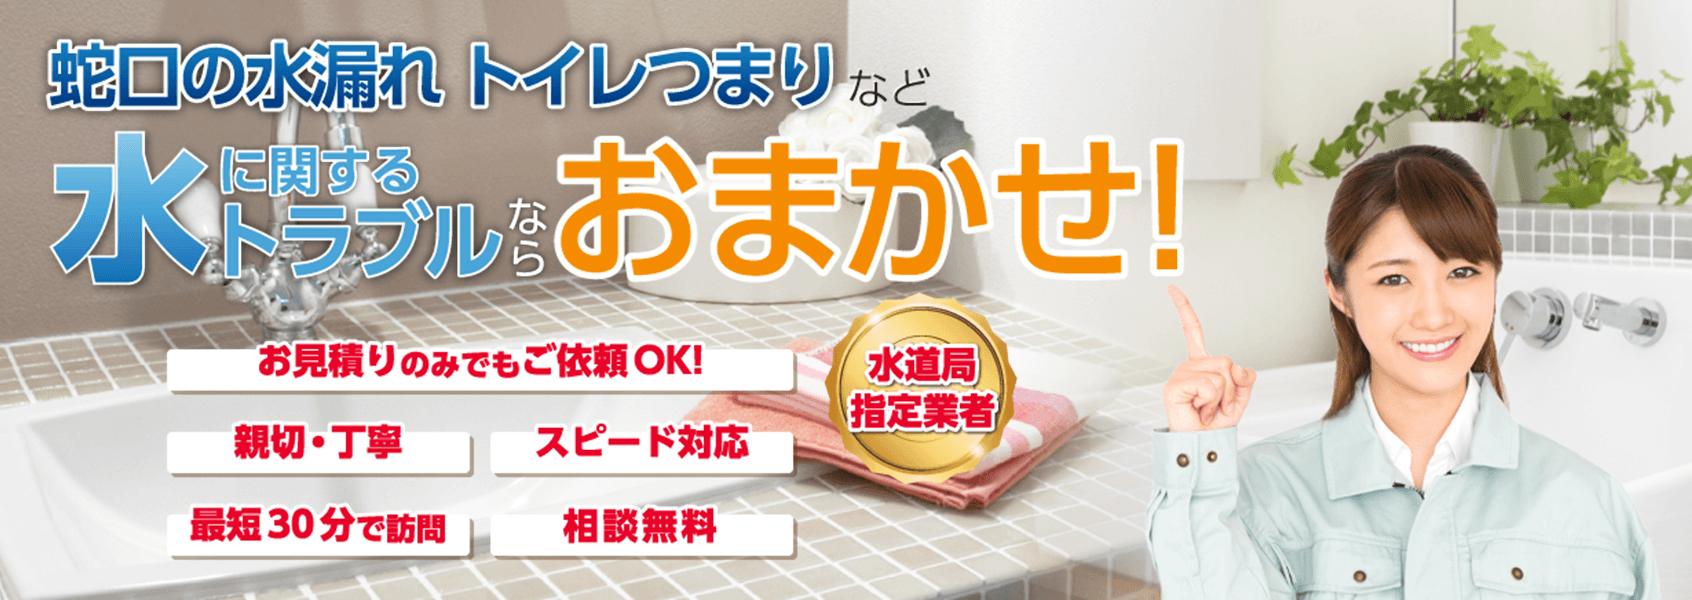 尼崎市の水漏れ修理【1,800円から】尼崎市水道局指定業者の近畿水道サポートセンター